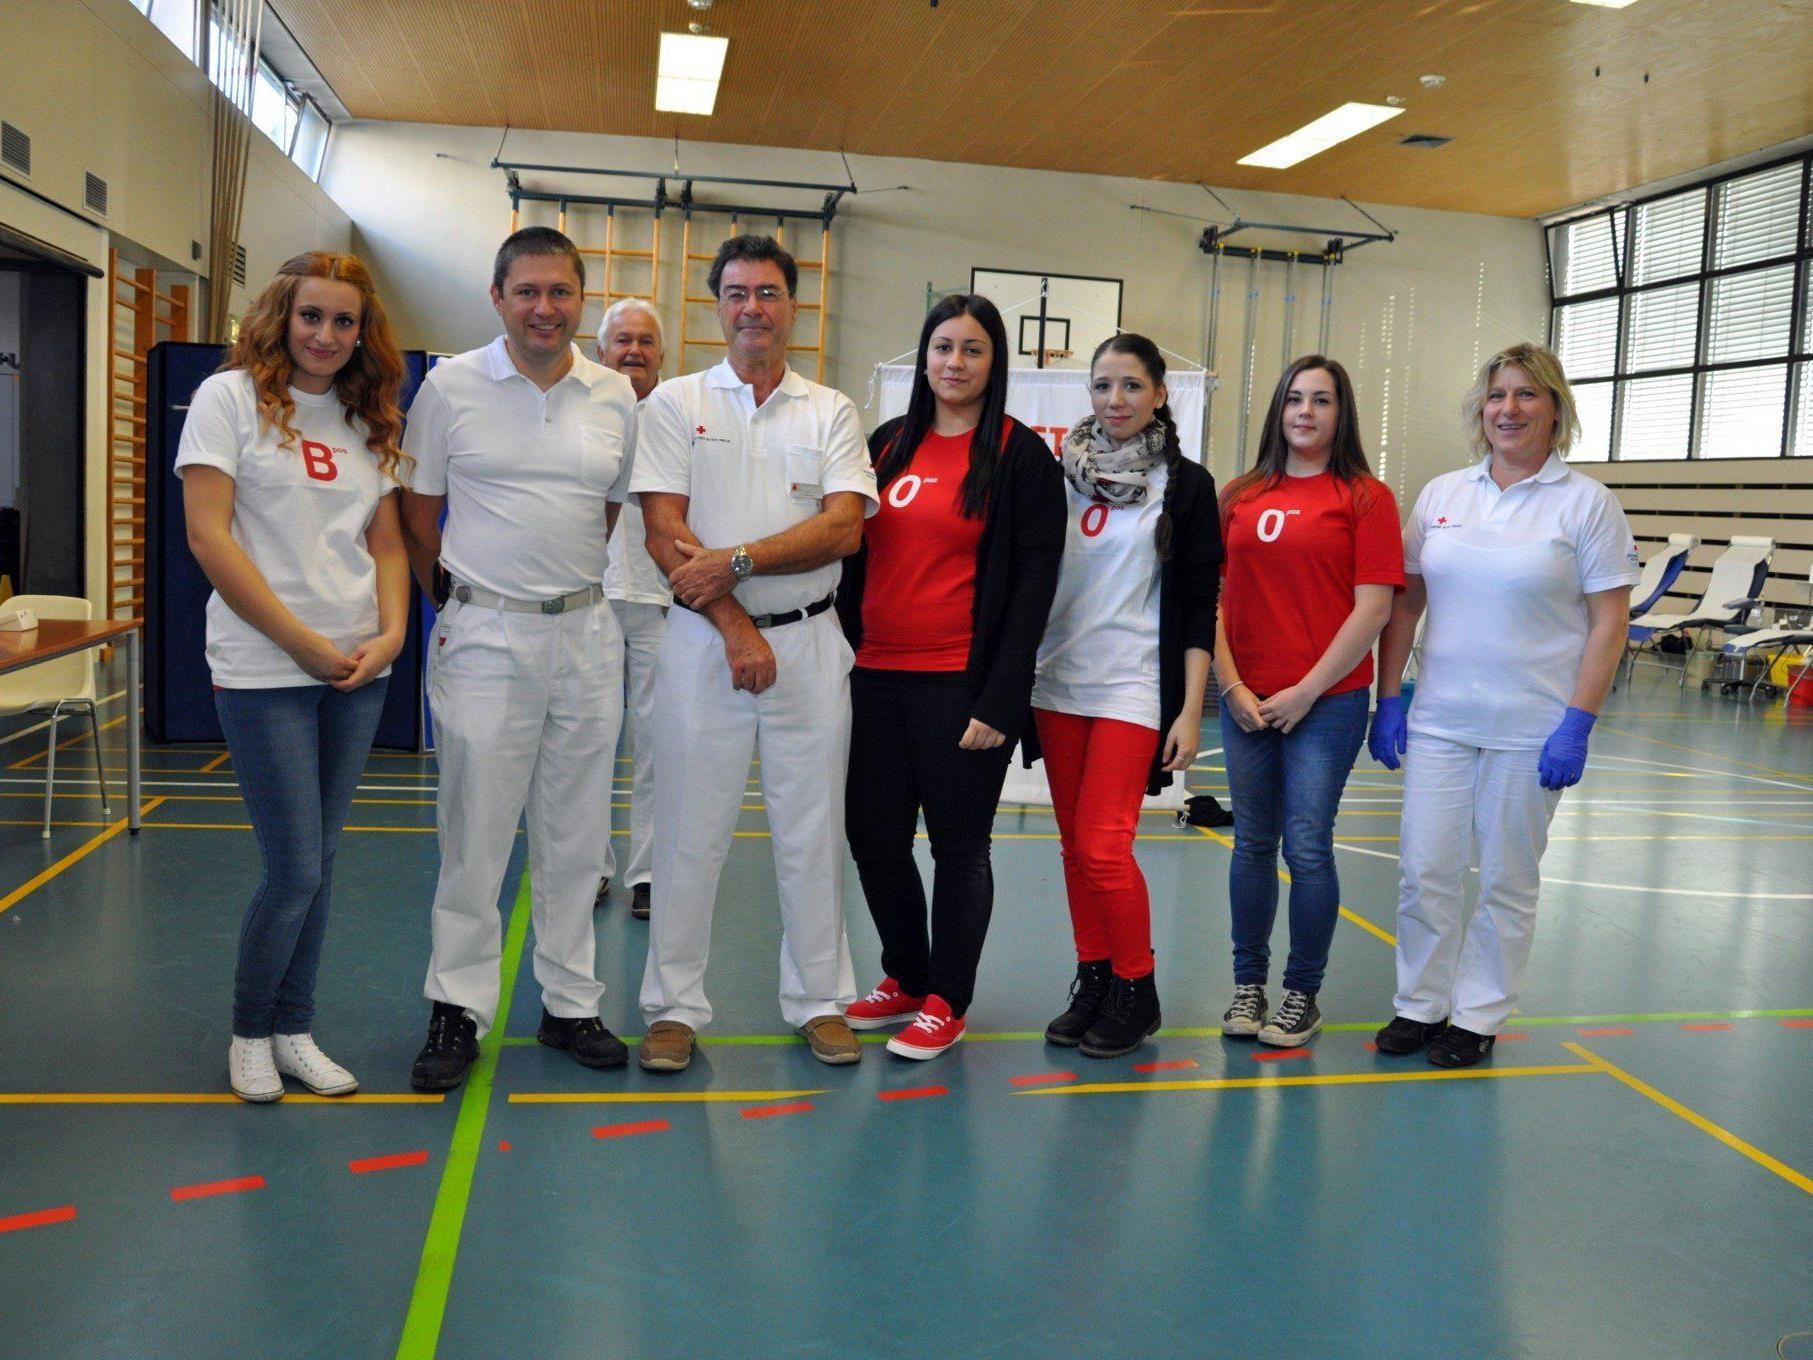 Gemeinsam mit dem Roten Kreuz hatten die Schülerinnen zum Blutspenden eingeladen.